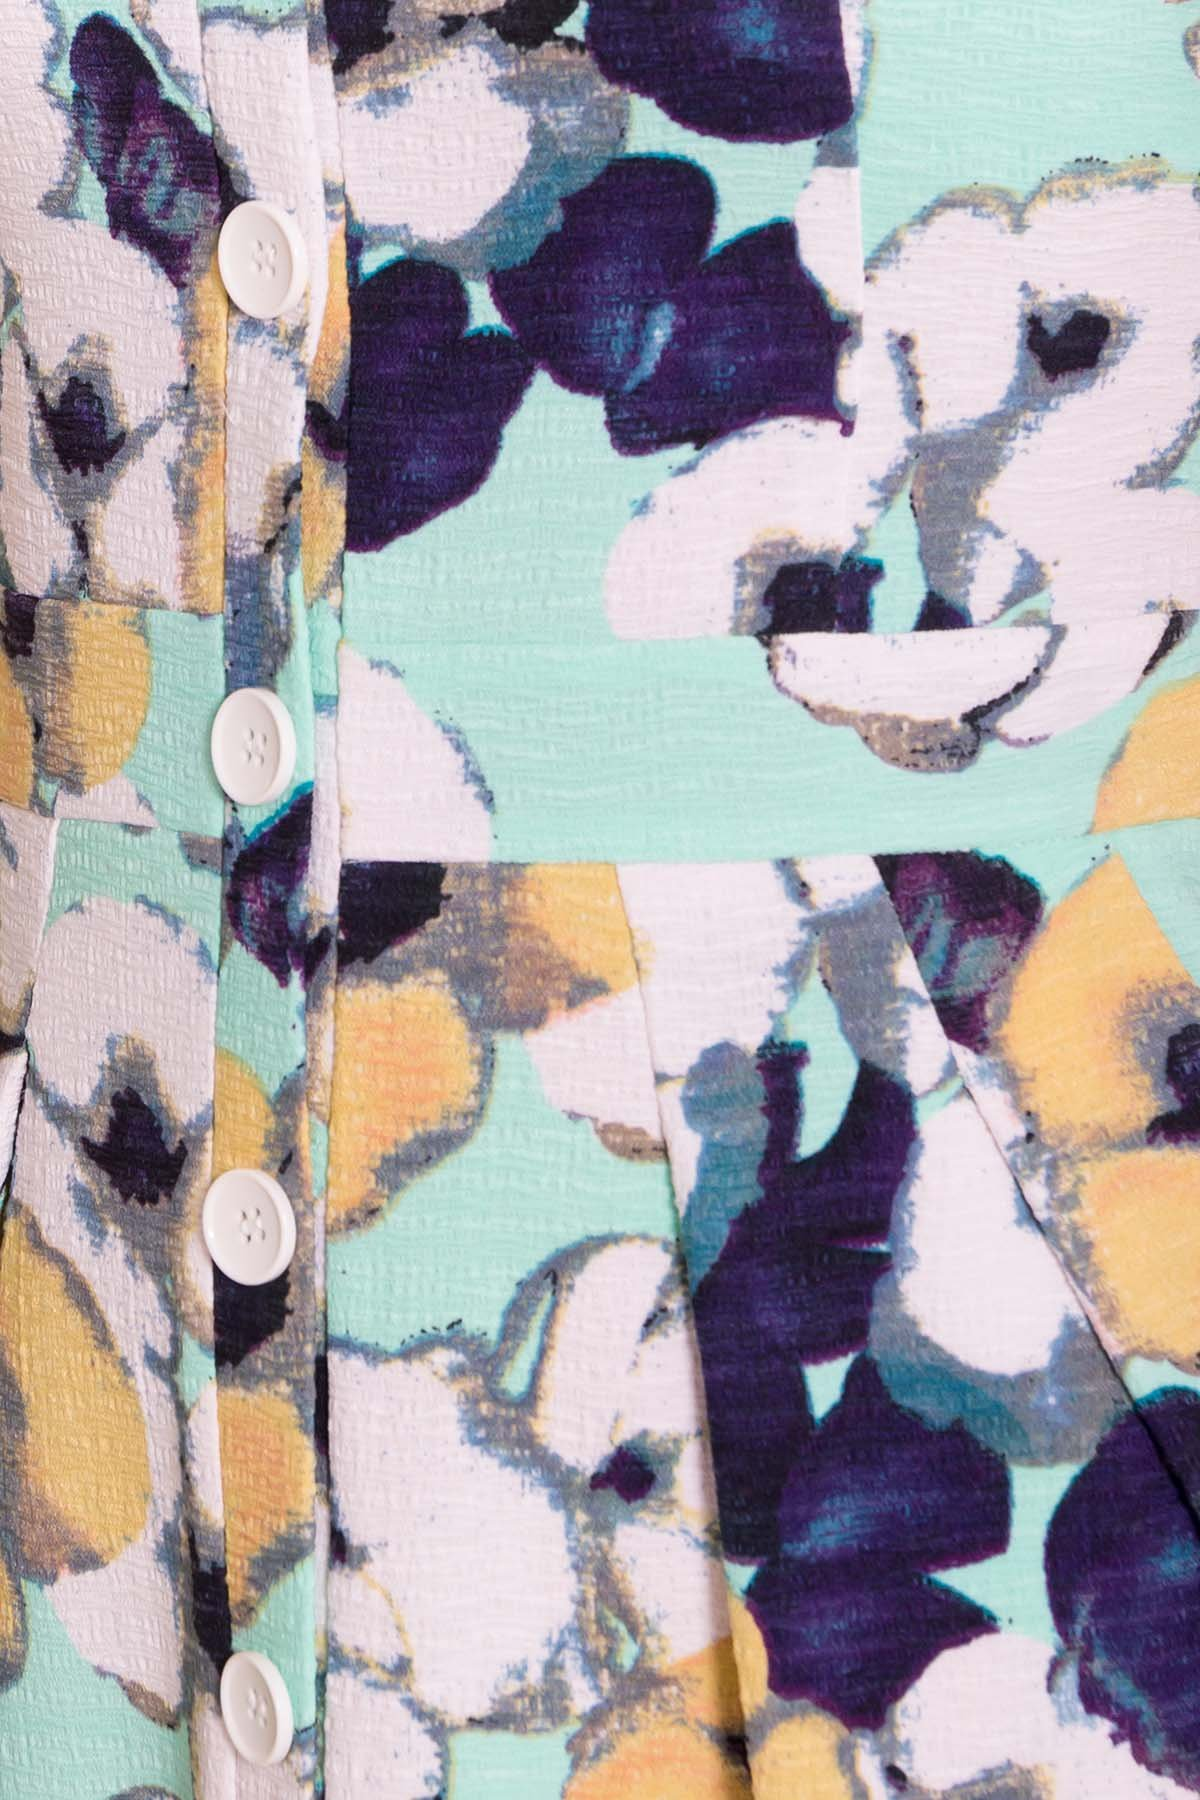 Платье Марсель 7612 АРТ. 43538 Цвет: Ромашка бирюза больш - фото 4, интернет магазин tm-modus.ru